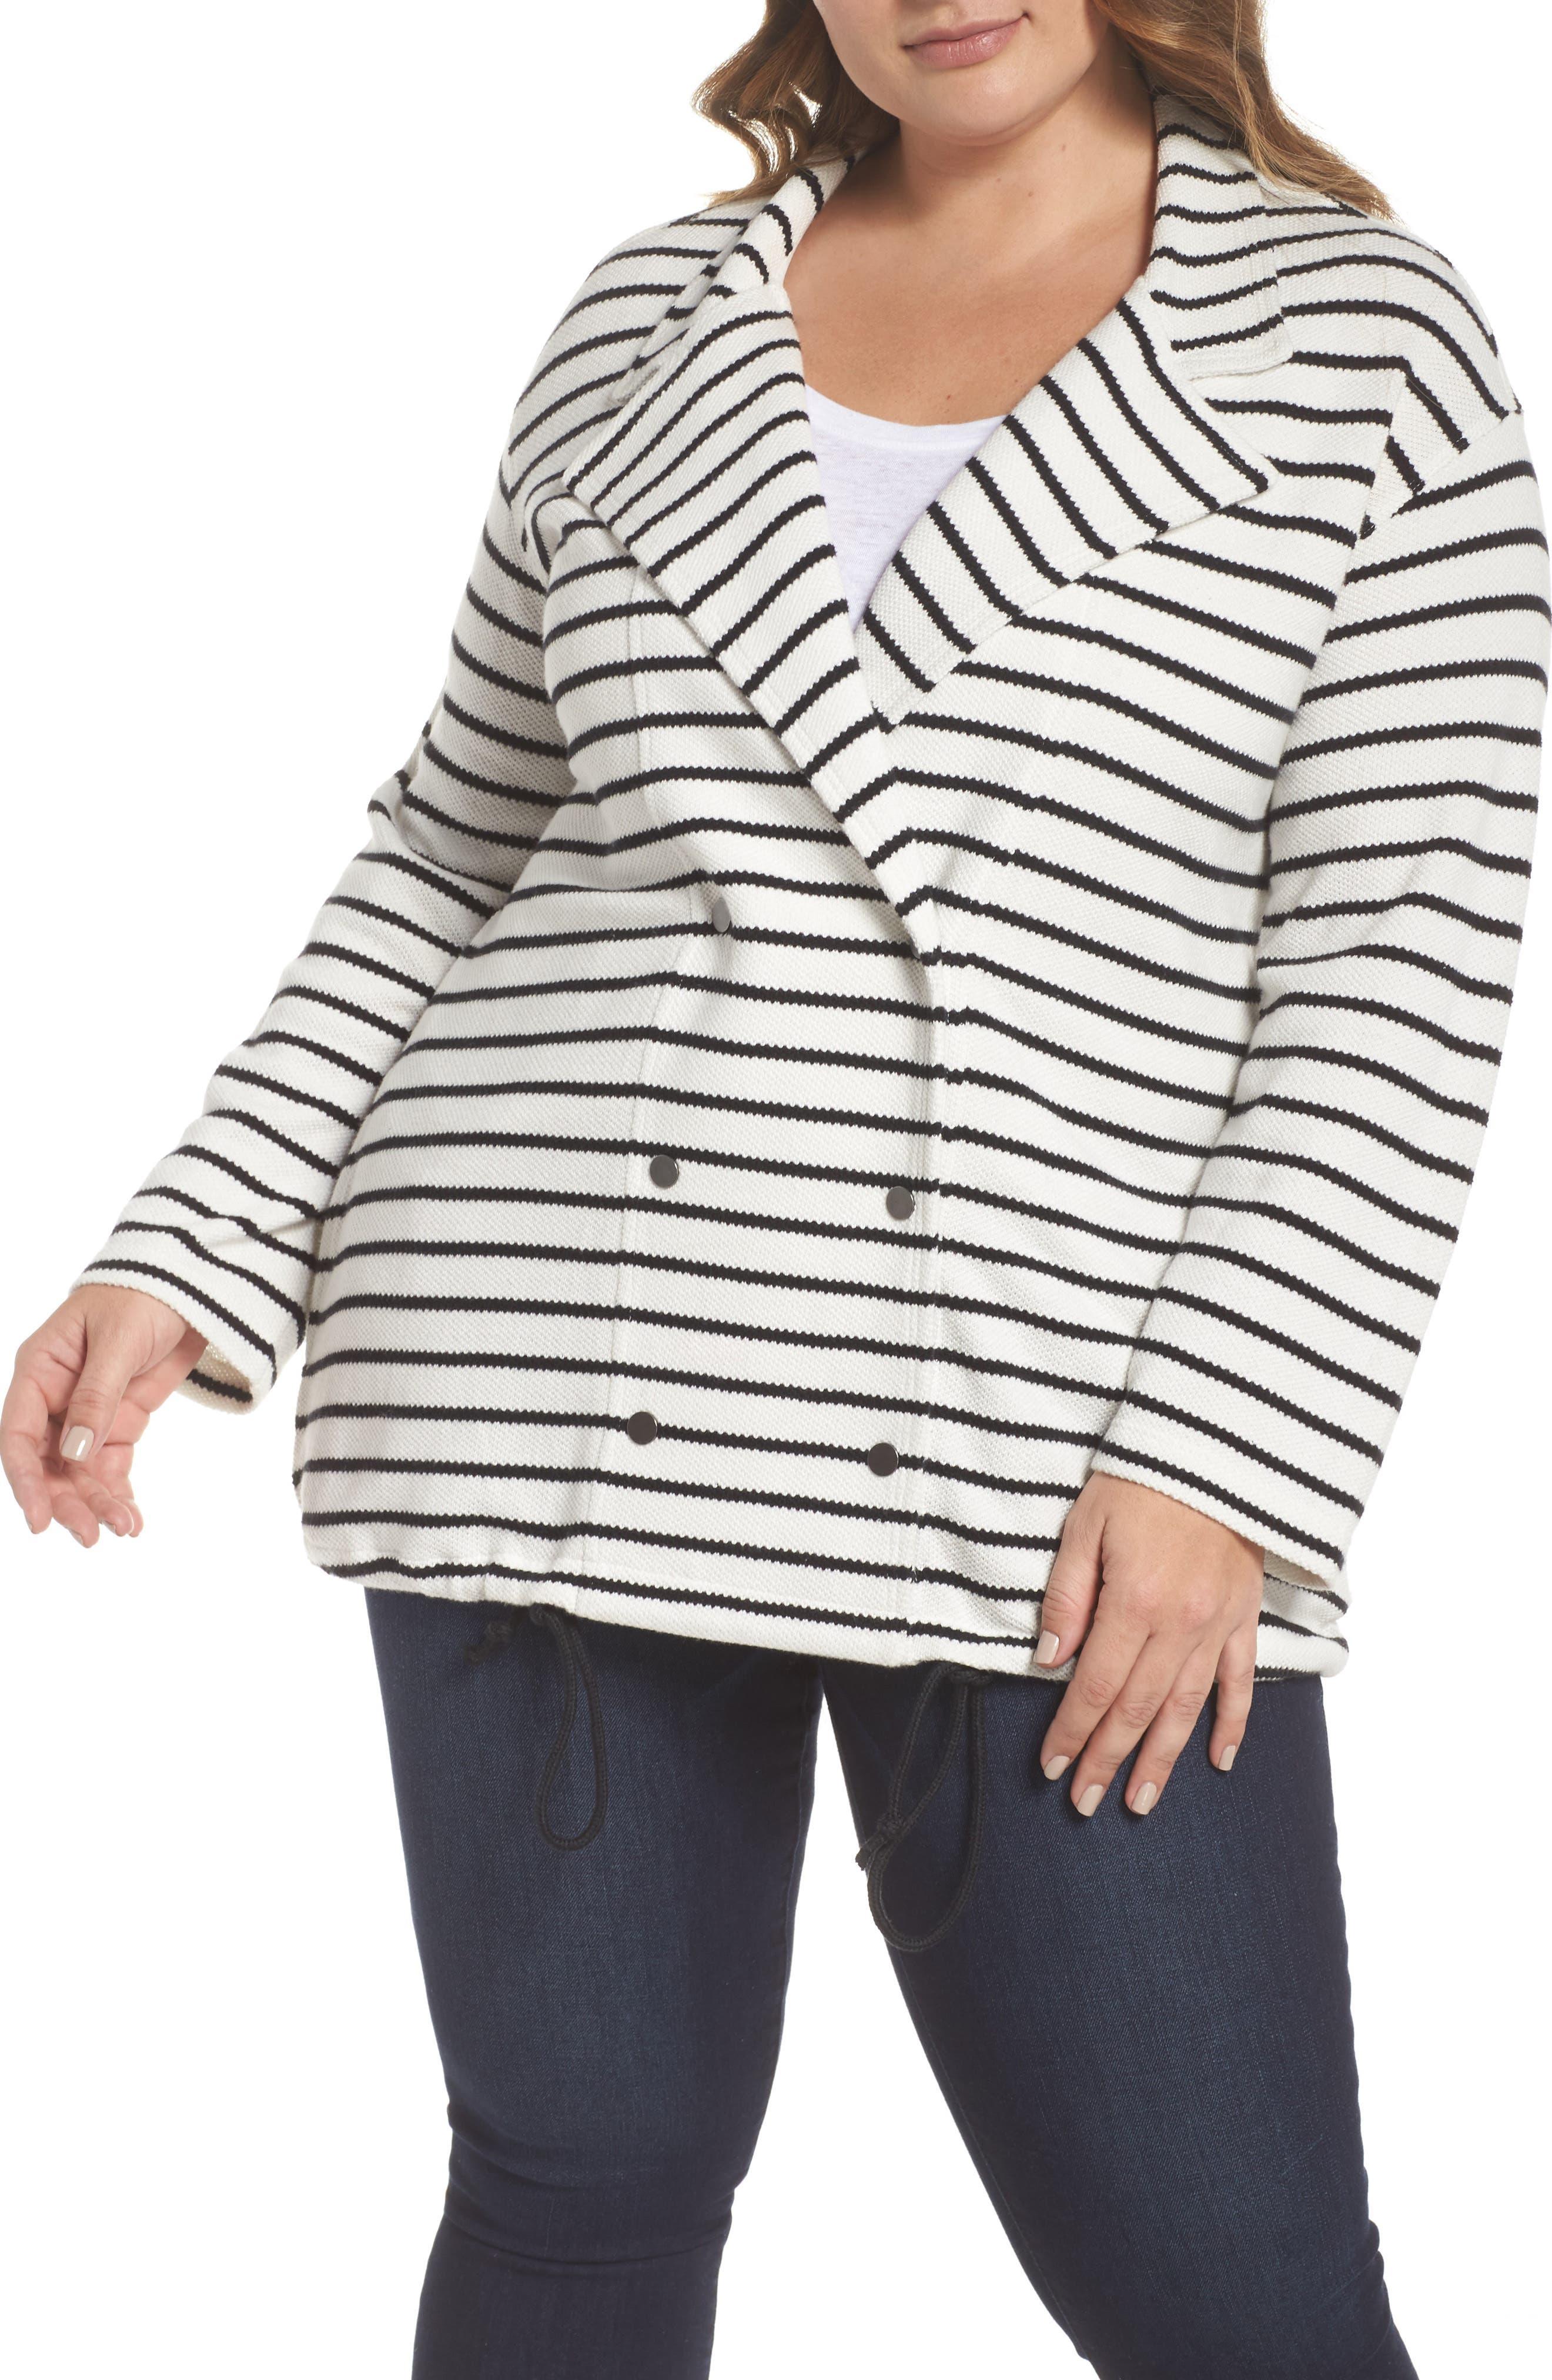 Stripe Peacoat Knit Jacket,                             Alternate thumbnail 4, color,                             Ivory- Black Stripe